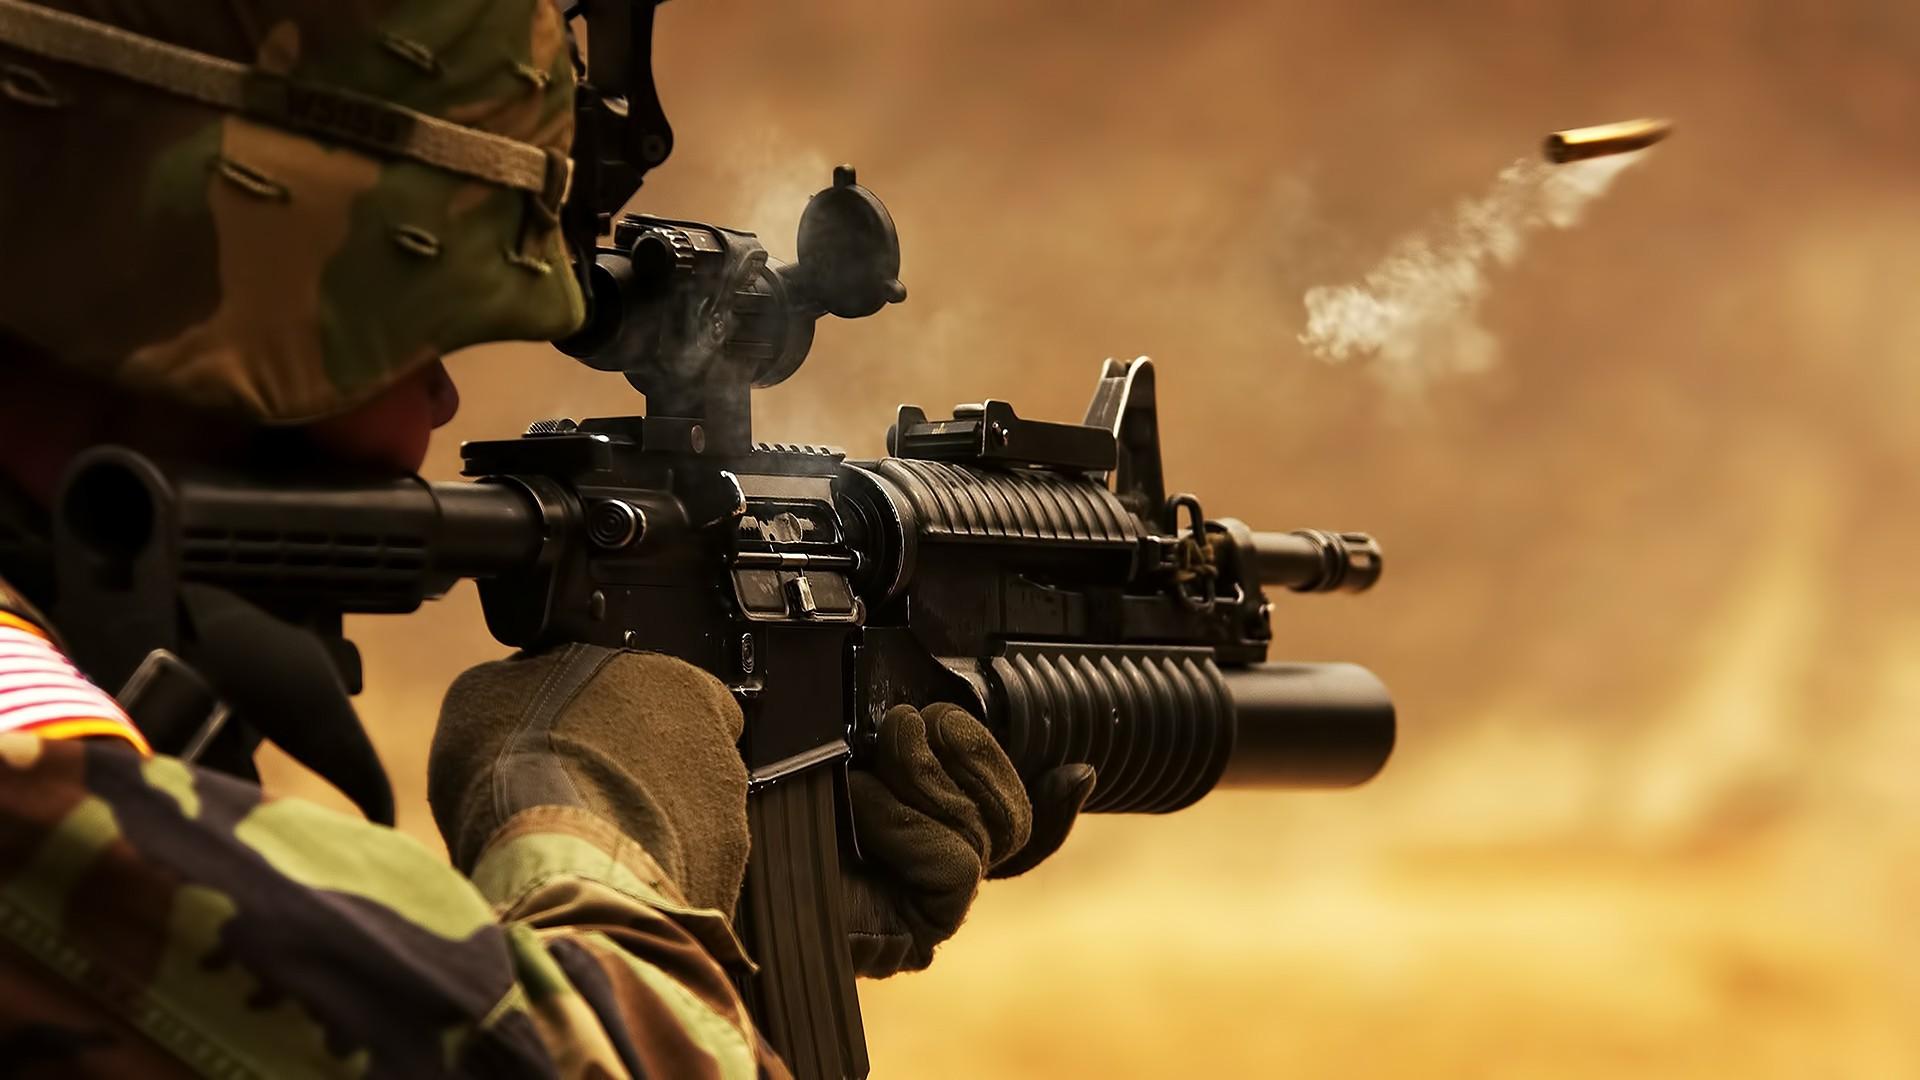 Unduh 82 Gambar Hd Senjata Api Terbaik Gratis HD